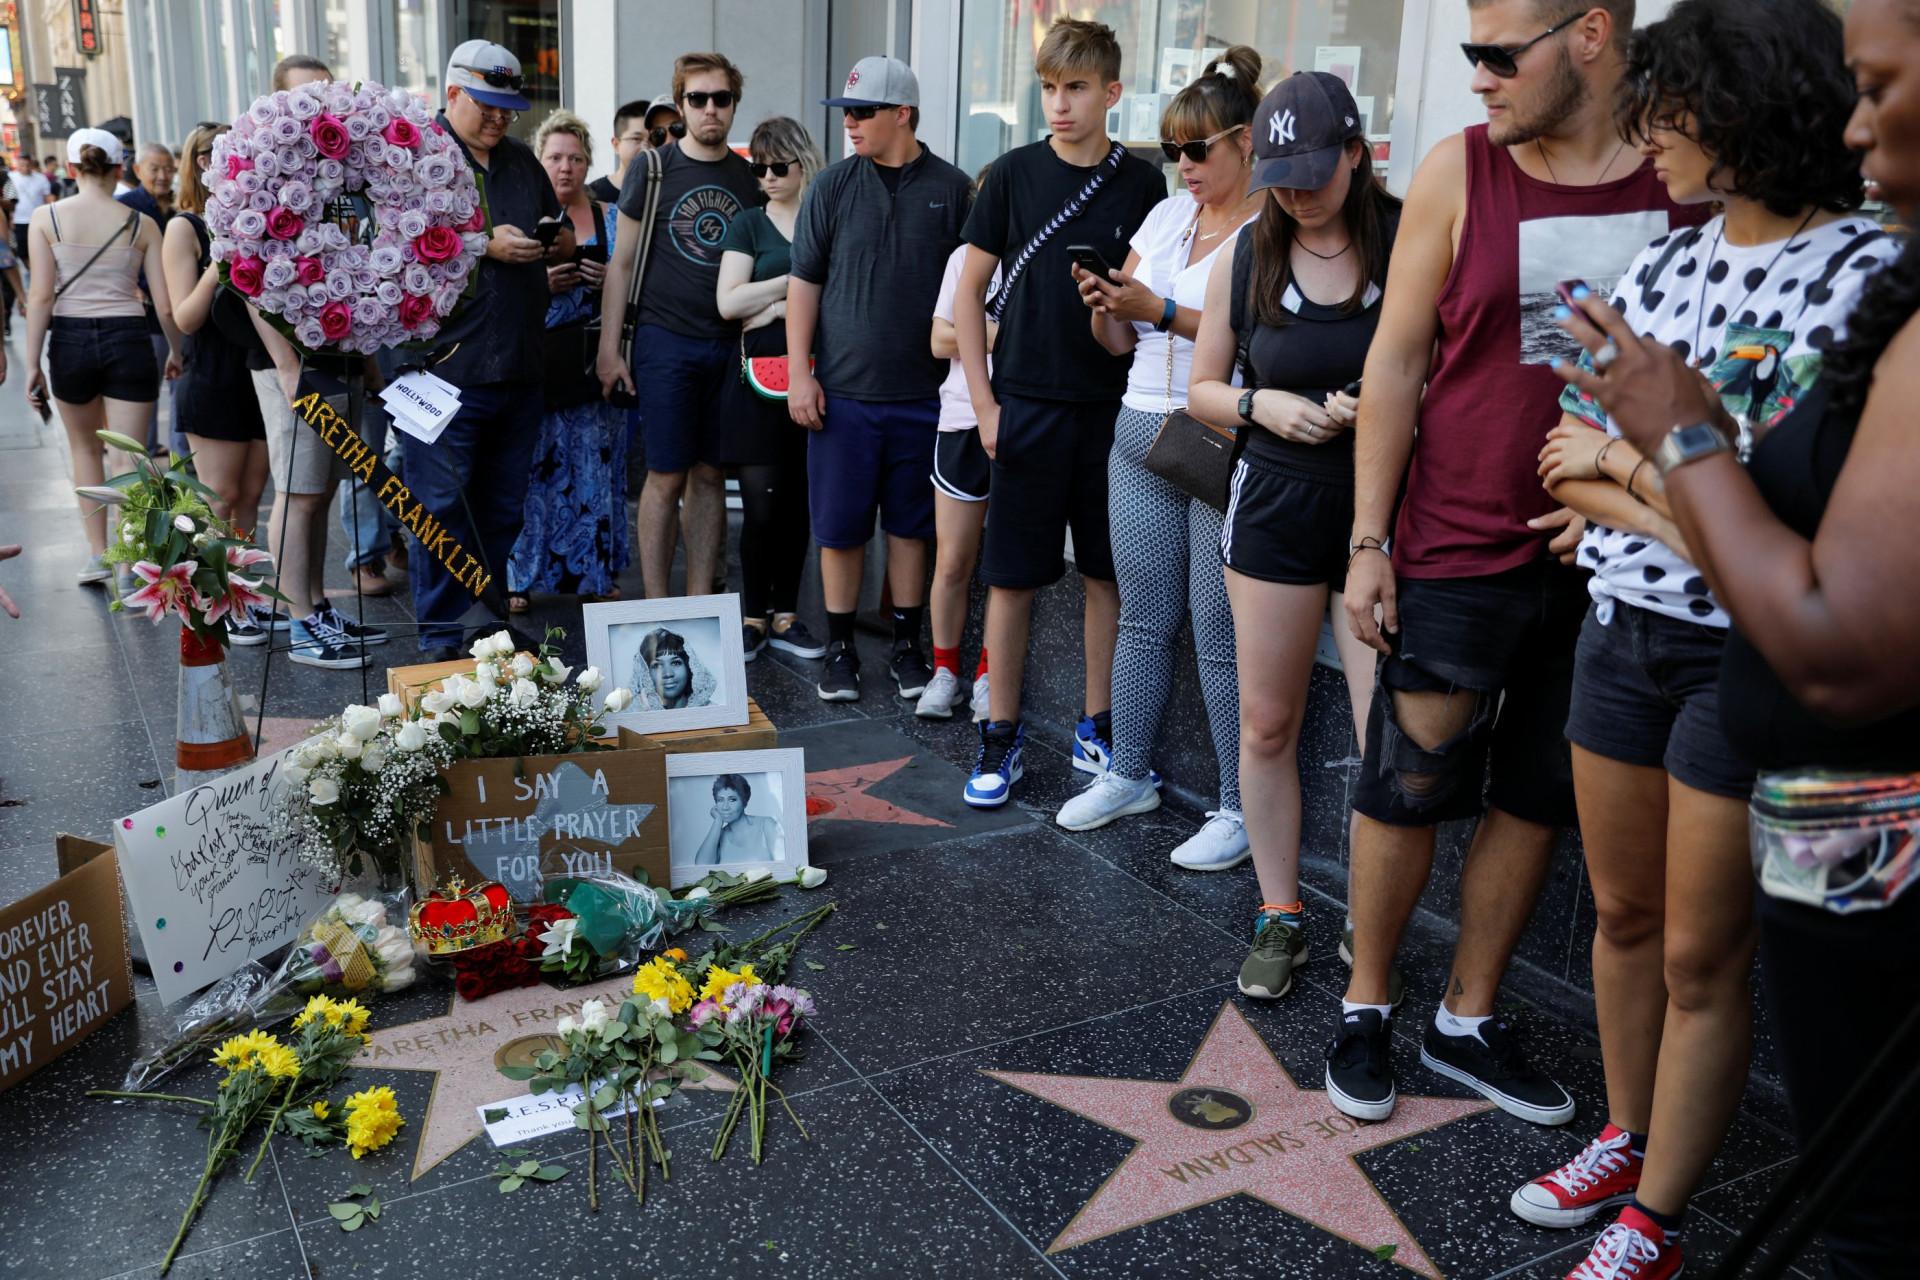 Na hora do adeus, o mundo mostra 'Respect' por Aretha Franklin